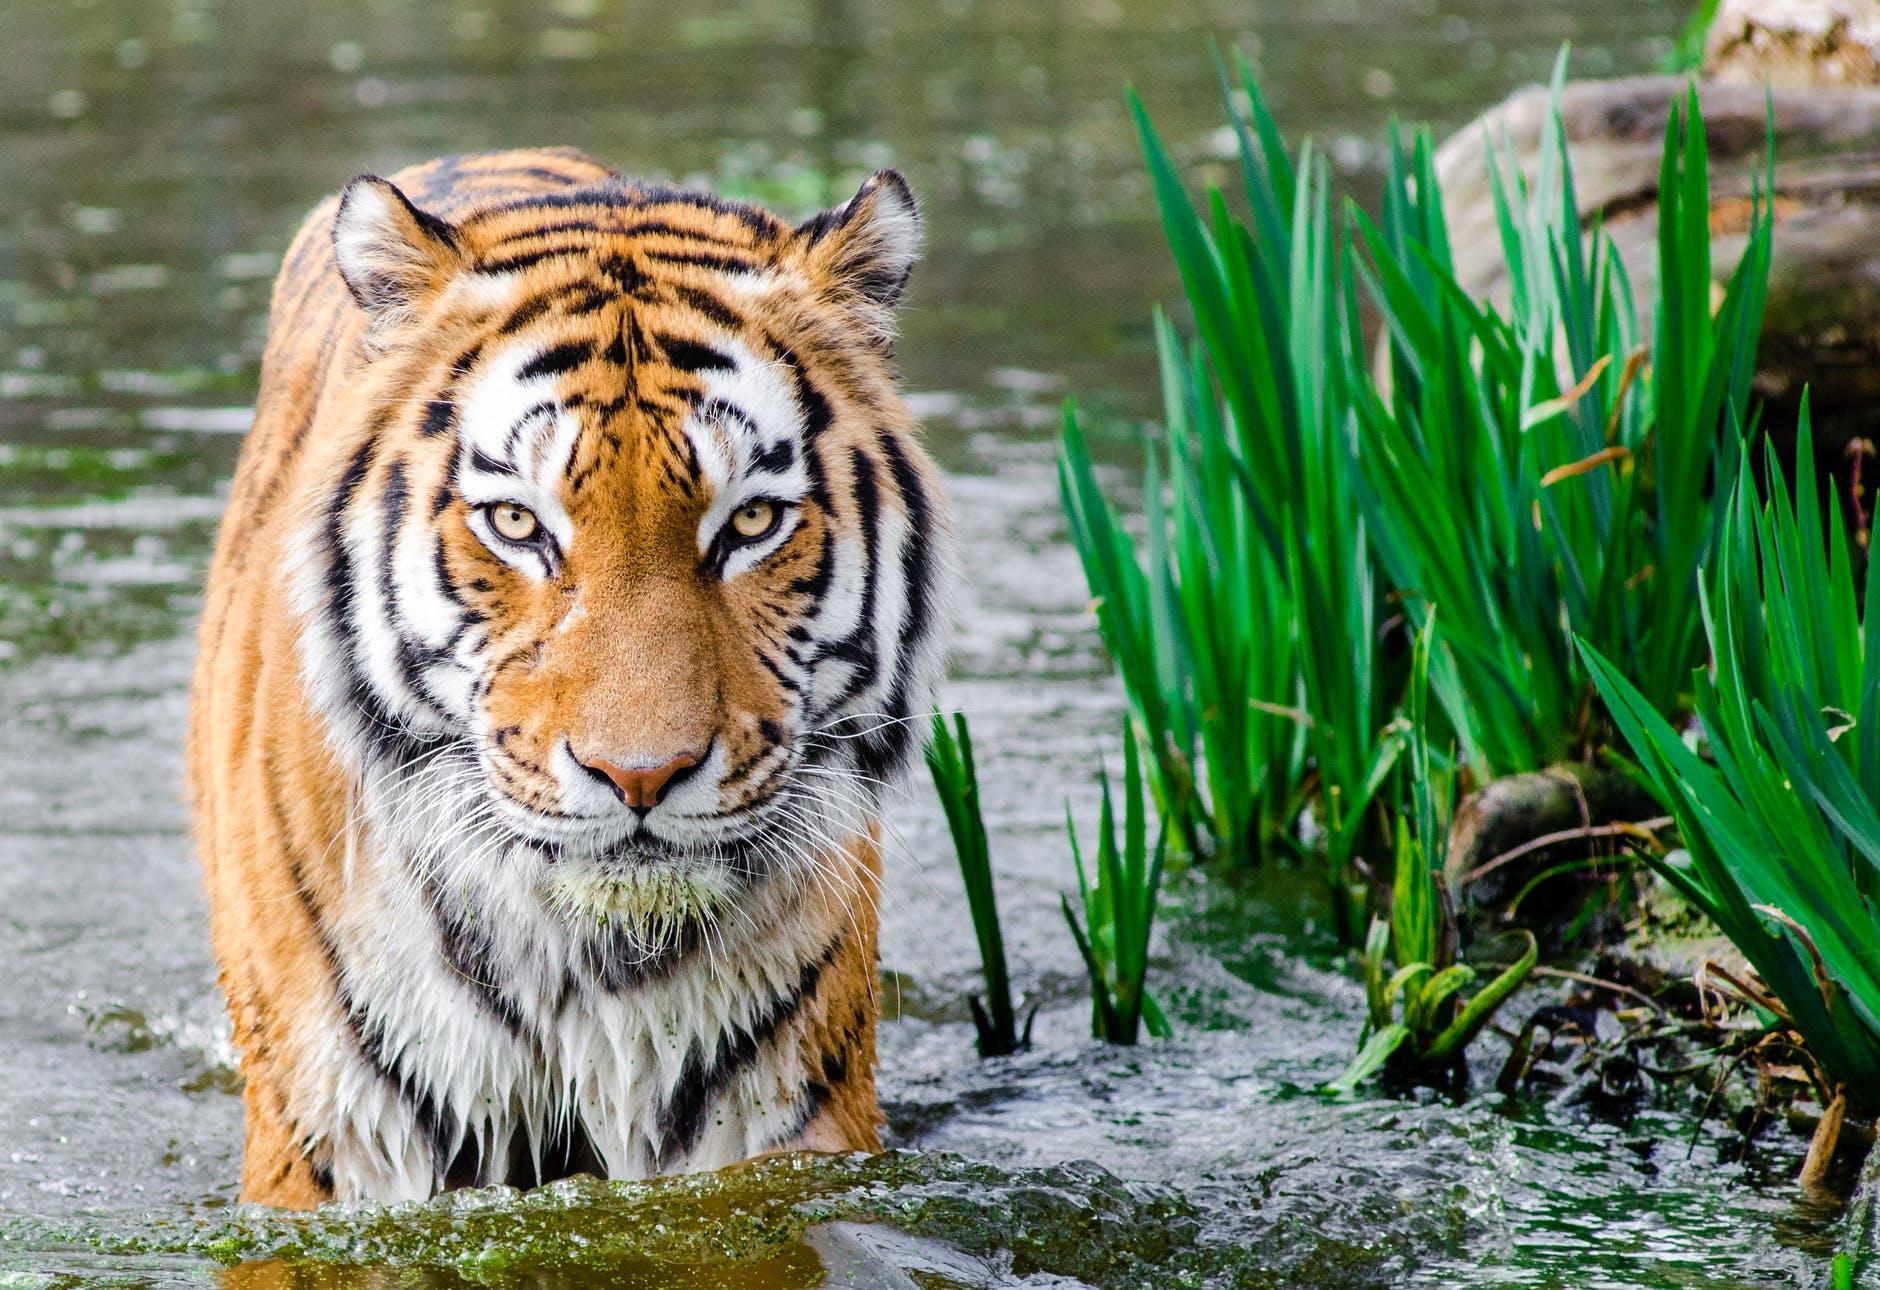 bengal tiger half soak body on water during daytime